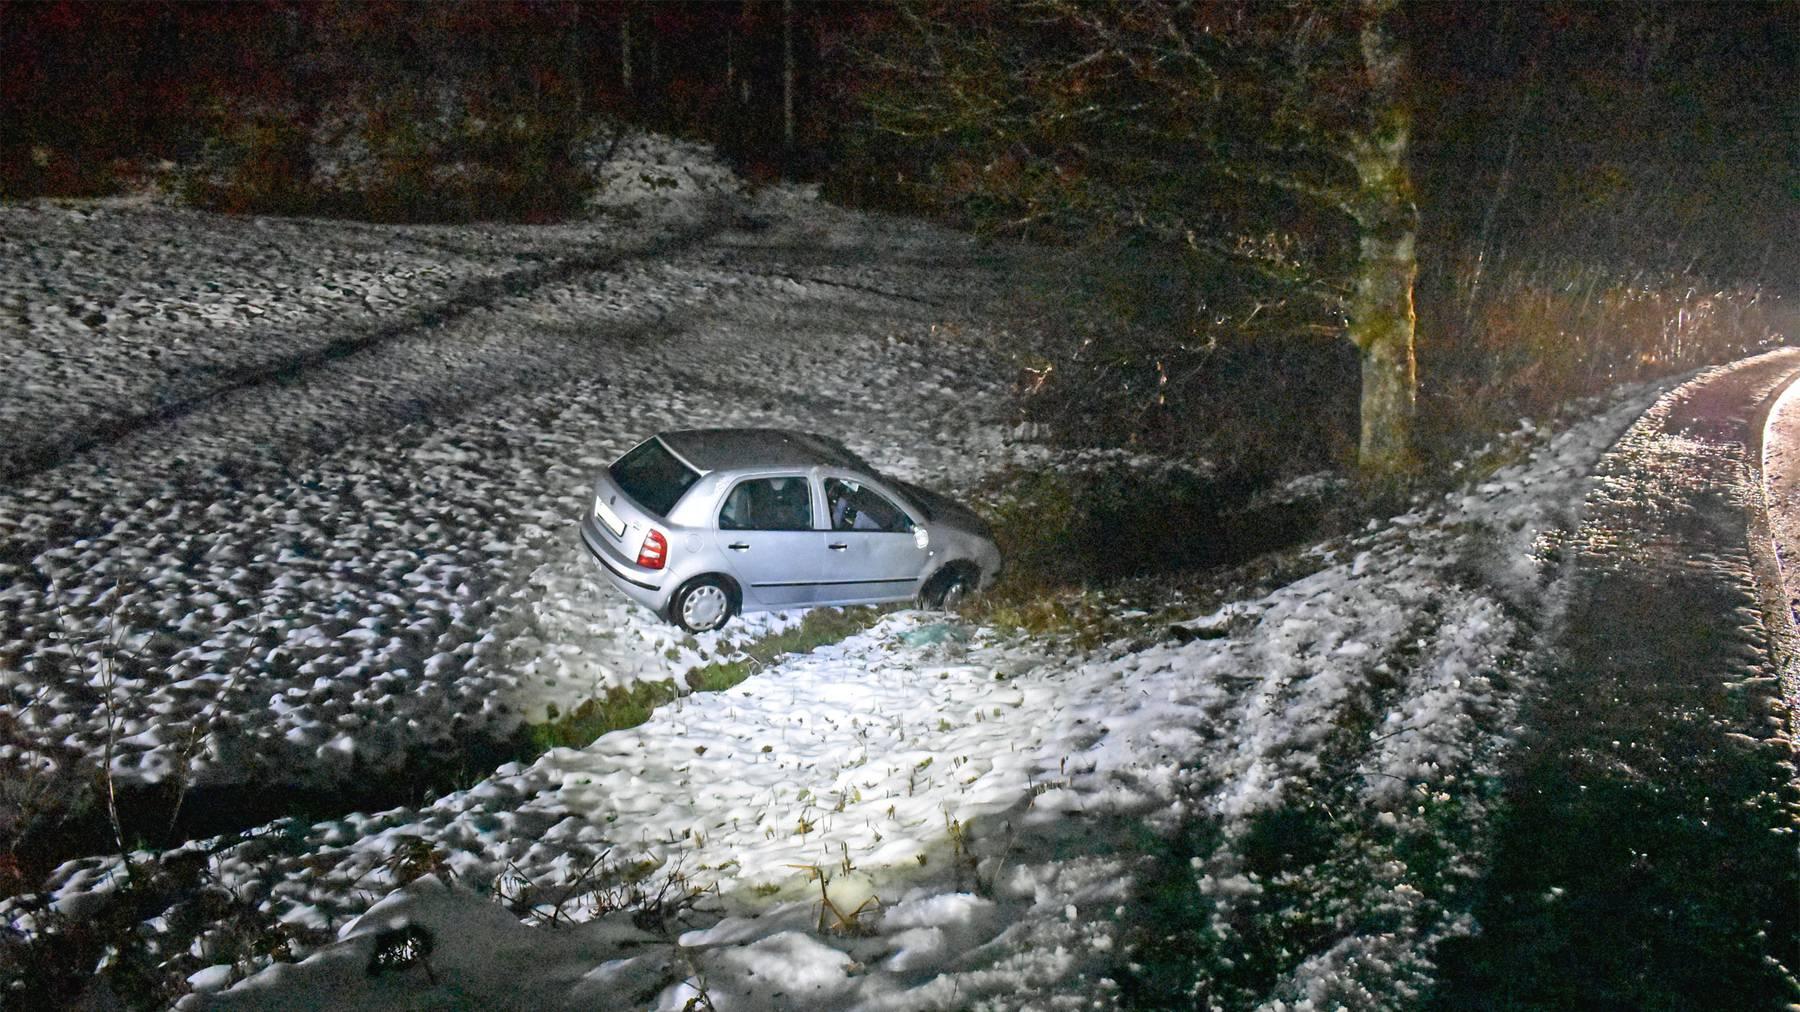 Auf der Meggerstrasse in Adligenswil kam ein Auto von der vereisten Strasse ab, fiel rund fünf Meter eine Böschung hinunter, überschlug sich dabei und kam auf den Rädern wieder zum Stillstand.